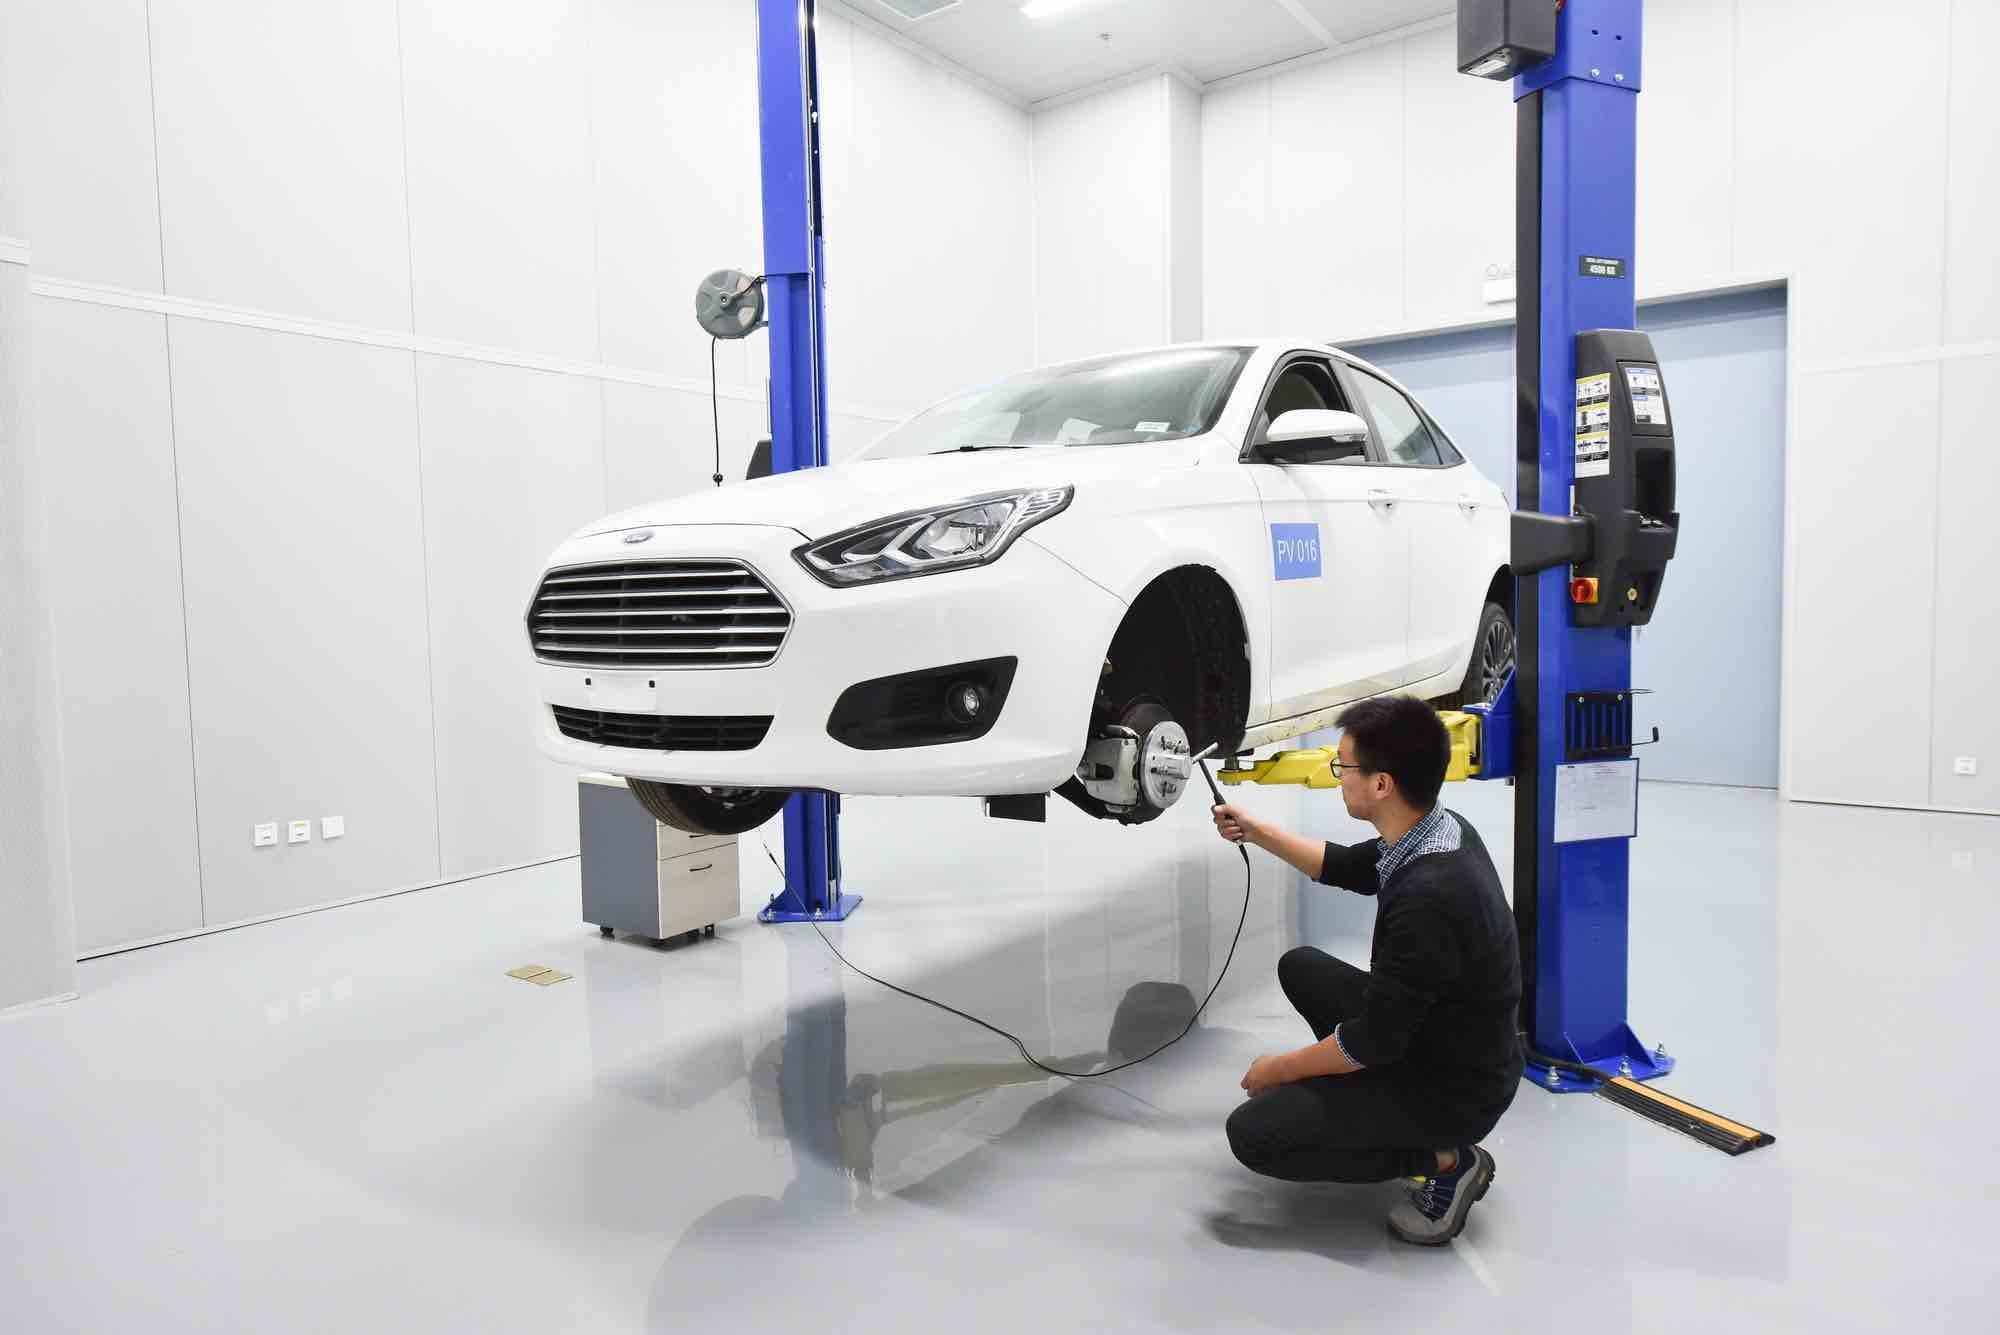 福特工程师在整车噪声测试实验室里对车辆轮毂进行声学测试,该实验室致力于为中国消费者创造稳定、静谧的驾乘体验